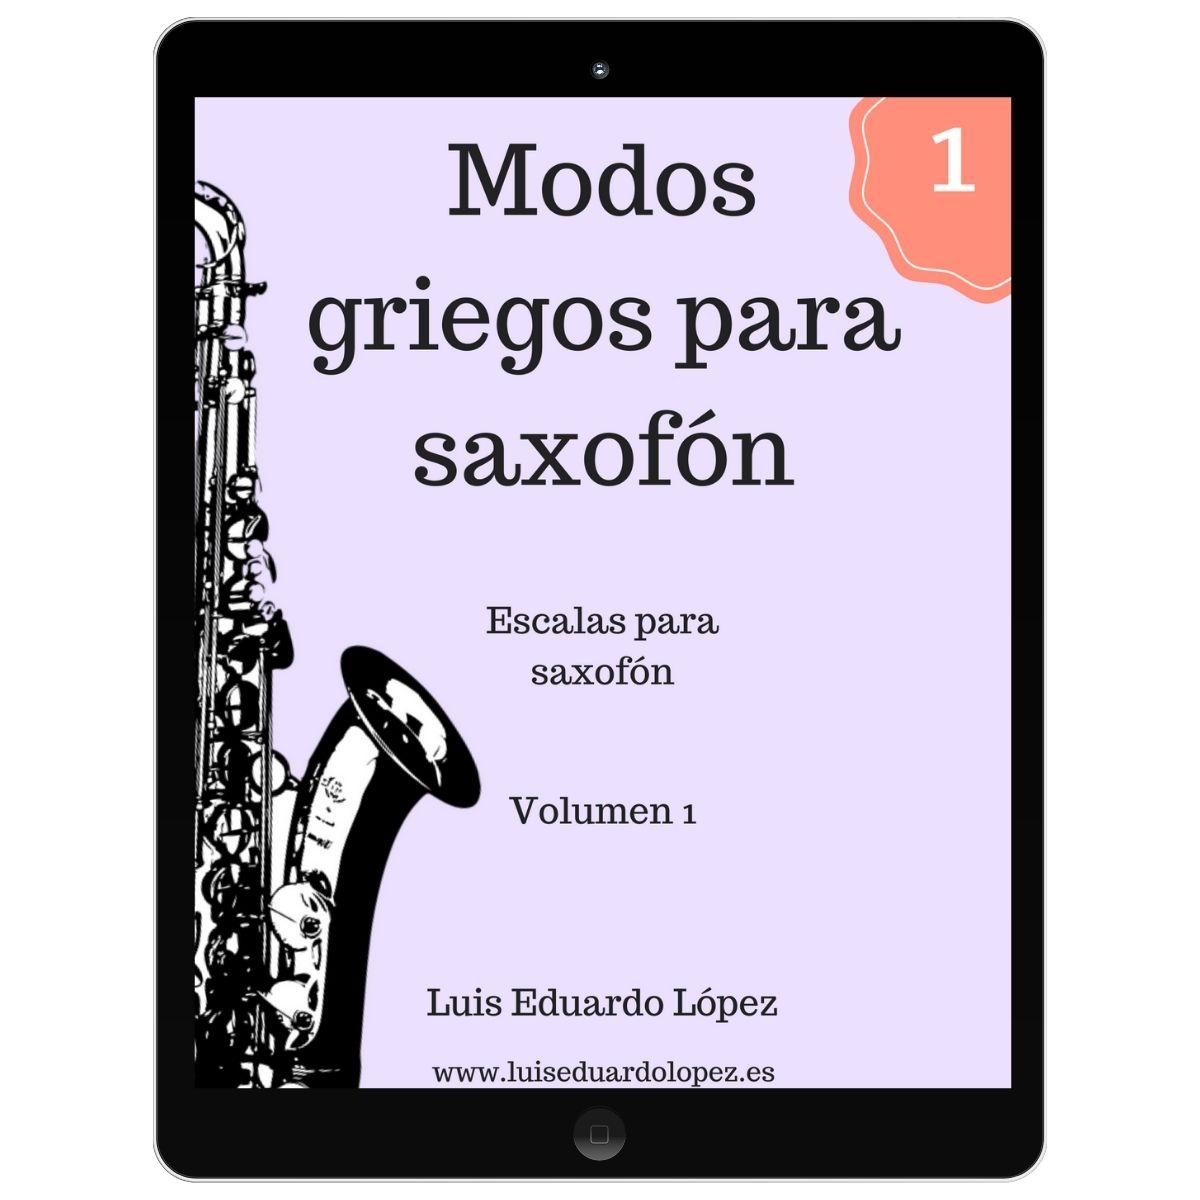 Ebook Modos griegos para saxofón